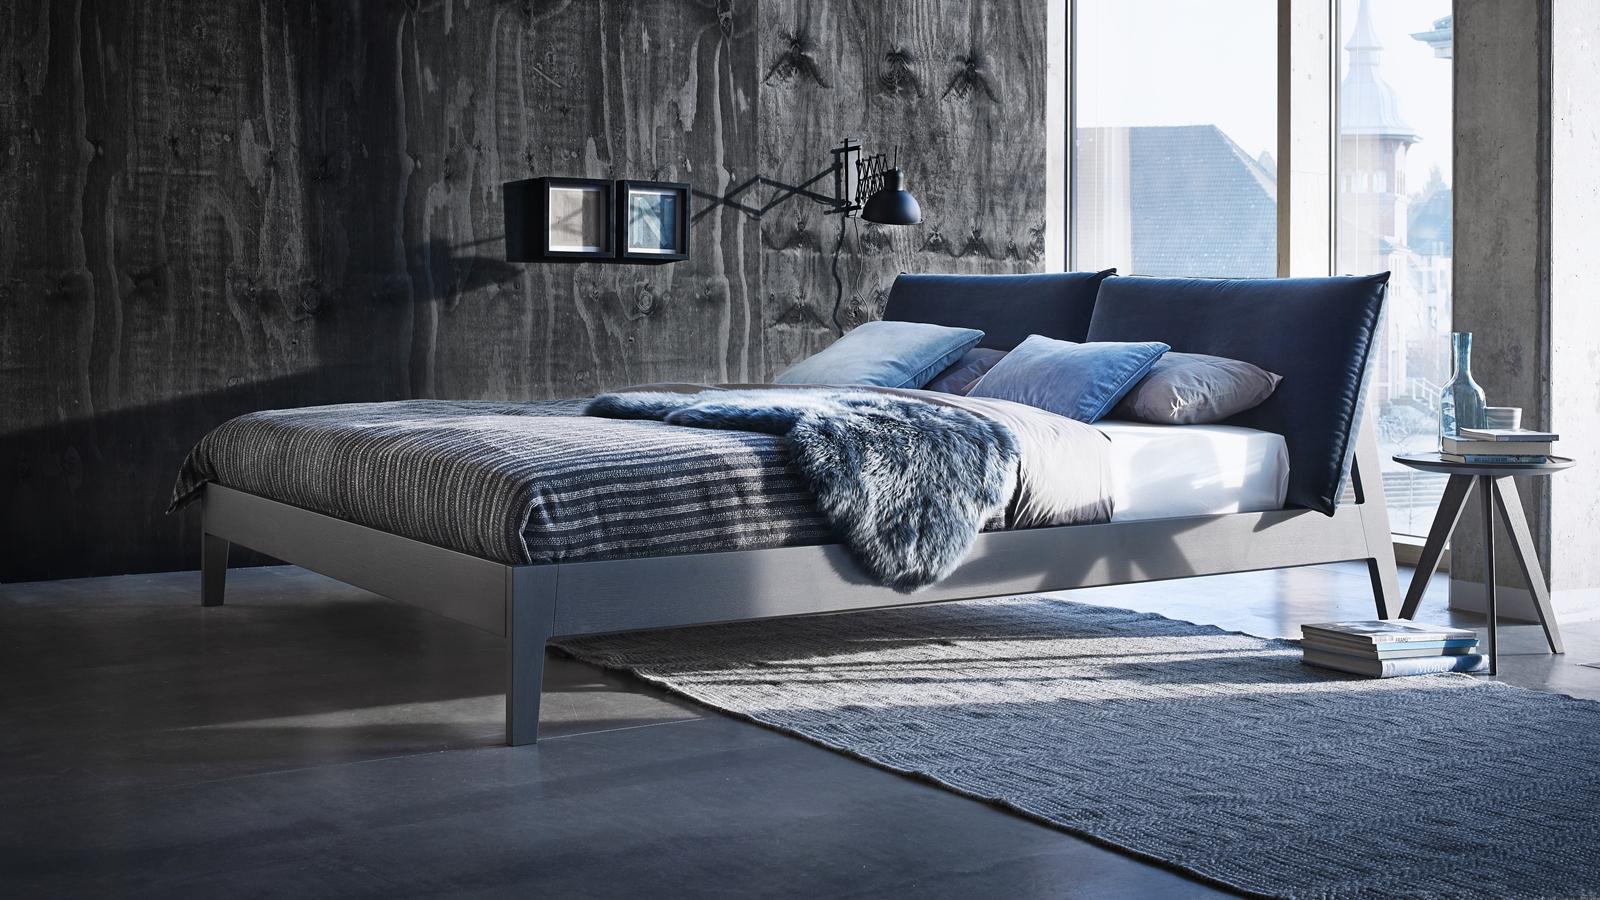 Ungewöhnlich Kingsize Bett Im Schlafzimmer Vergleich Zum Doppelbett ...